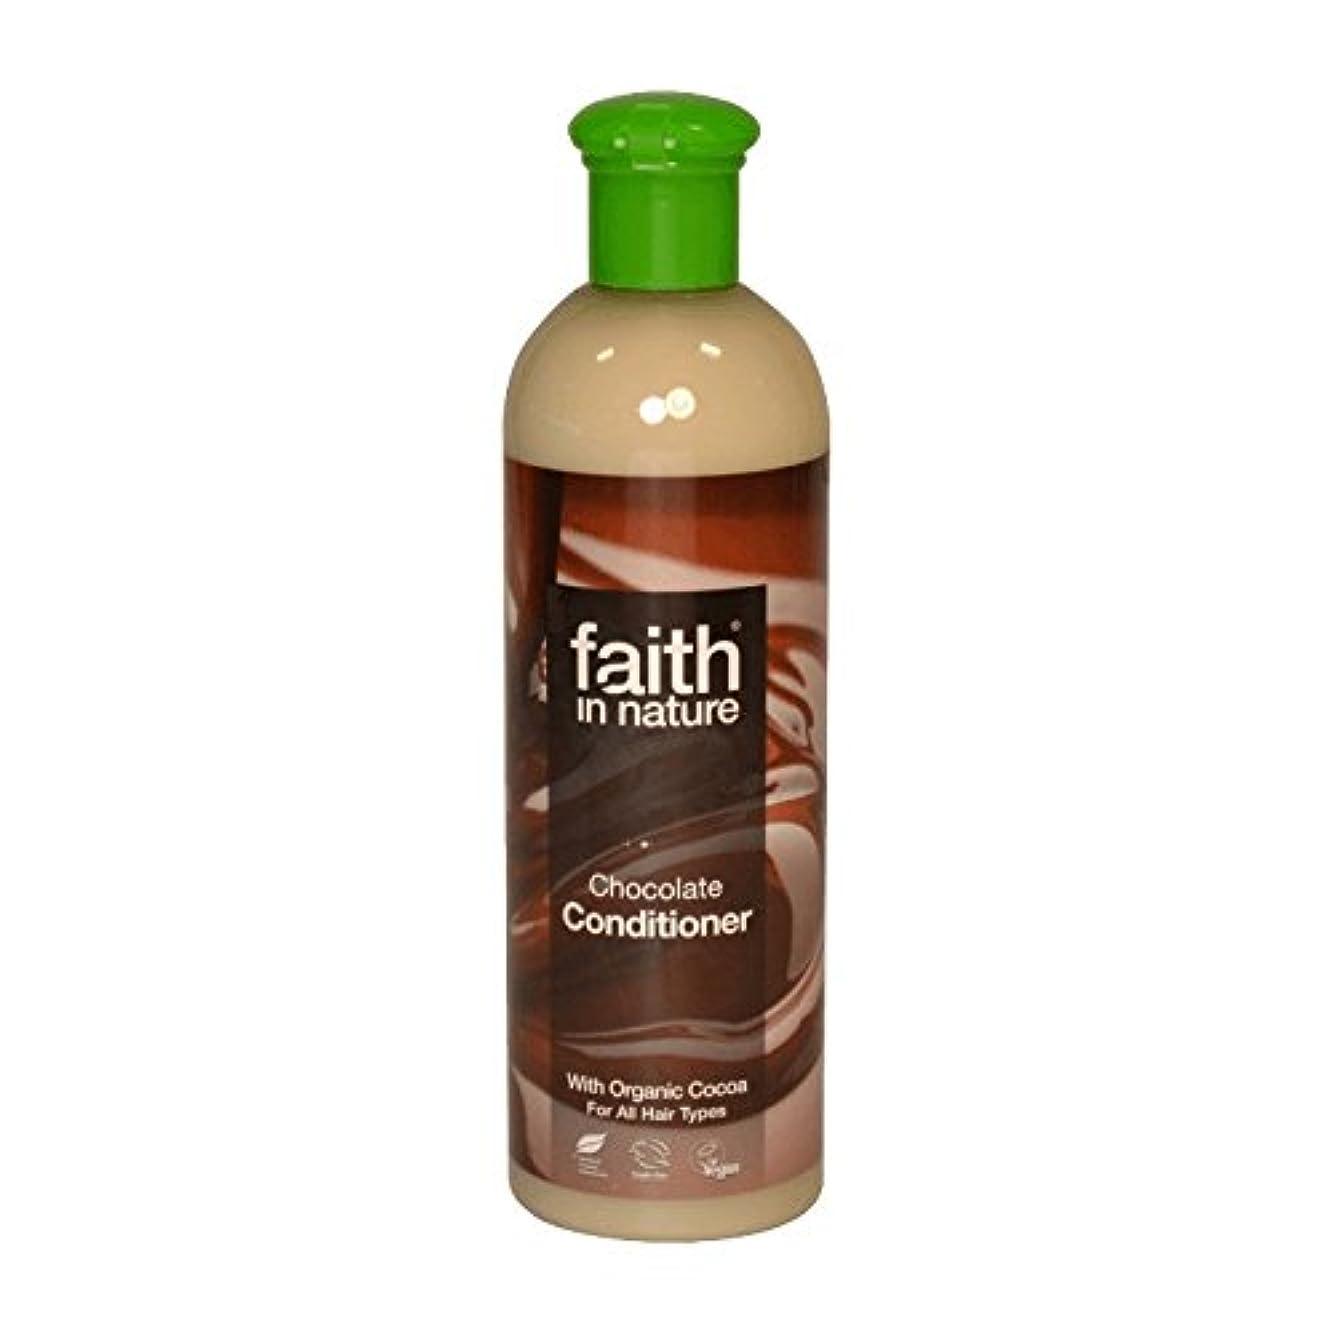 代わりにを立てる戦略毒Faith In Nature Chocolate Conditioner 400ml (Pack of 6) - 自然チョコレートコンディショナー400ミリリットルの信仰 (x6) [並行輸入品]